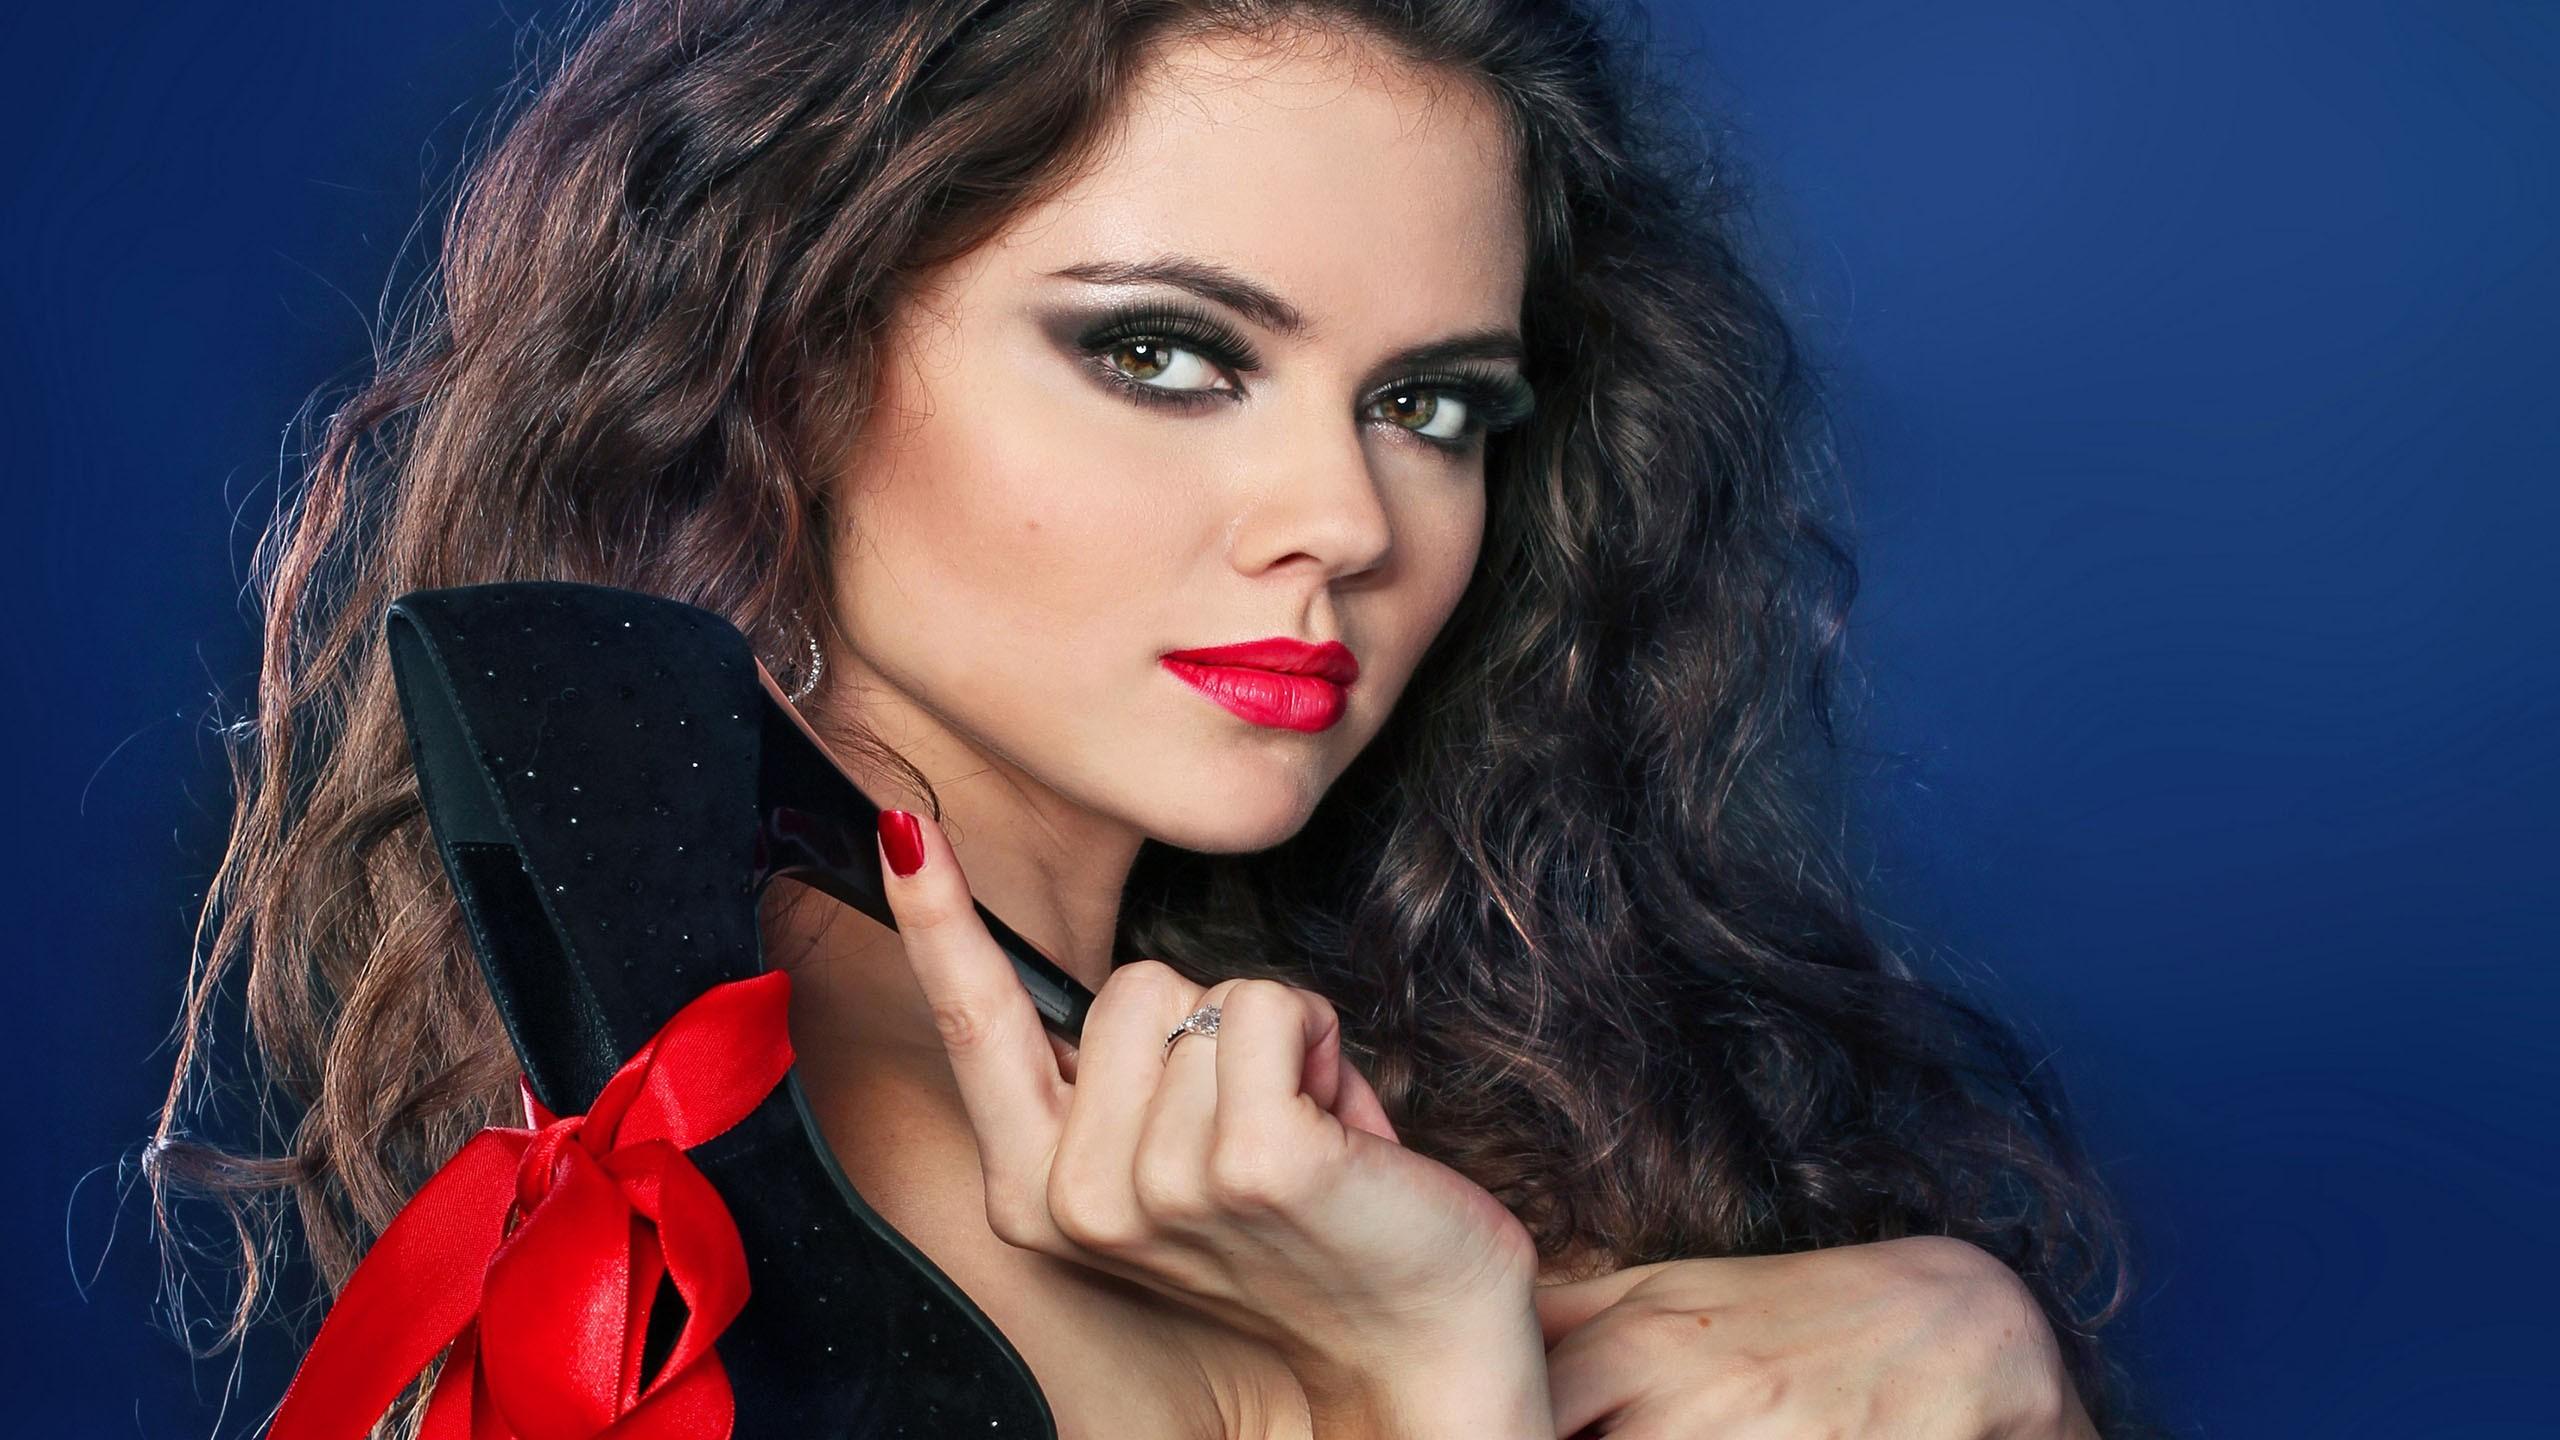 Wallpaper : face, women, portrait, long hair, painted nails, makeup ...